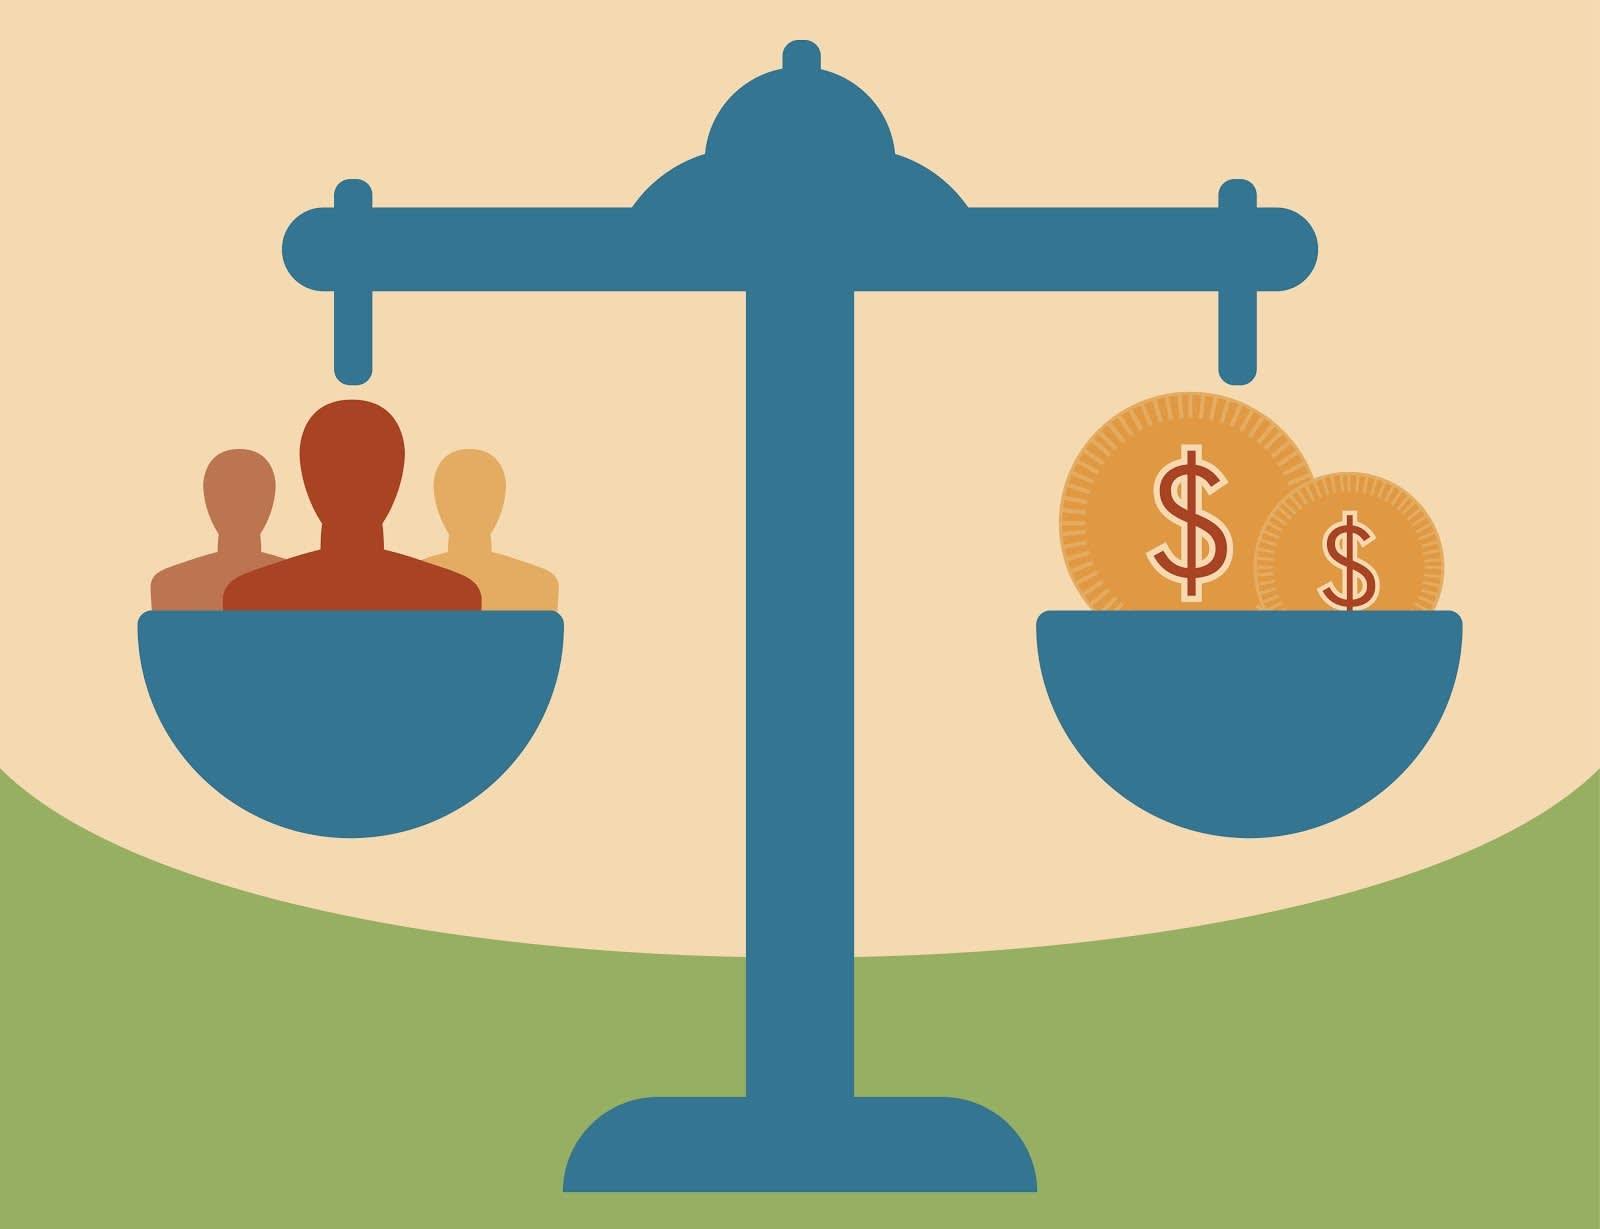 Eine Waage mit Menschen in der linken Waagschale und Geldmünzen in der anderen steht für Salesforce Billing, das Finanzteams ermöglicht, ihre Verpflichtungen gegenüber dem Unternehmen sowie den Kunden im Gleichgewicht zu halten.